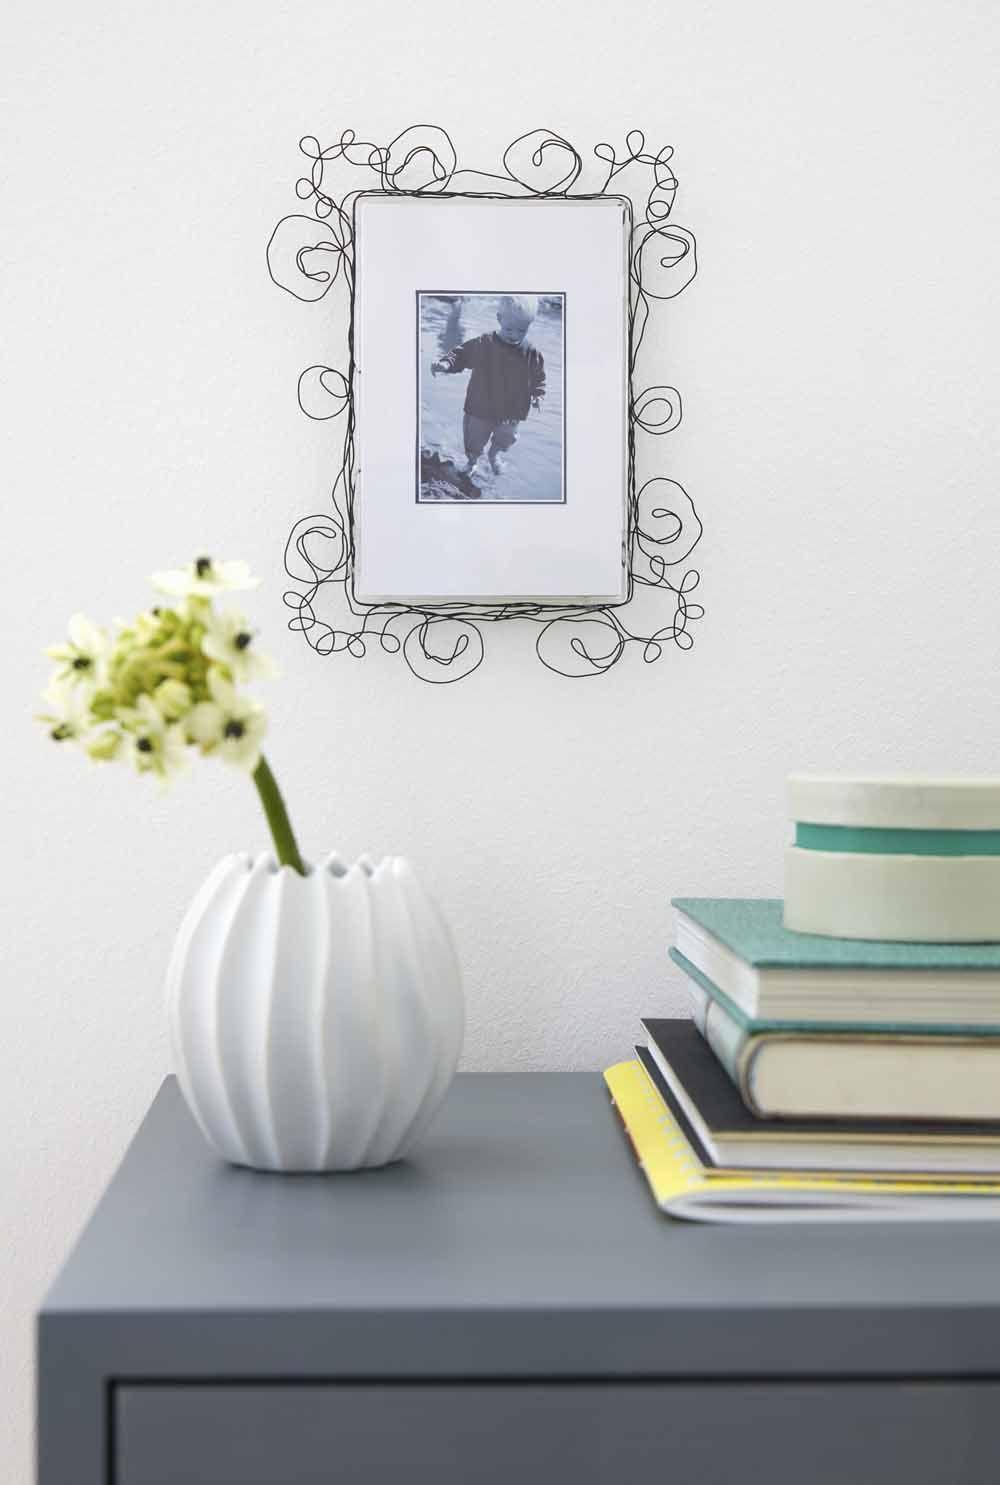 10 Ideen Bilderrahmen zu verschönern Wohnen, Haus deko